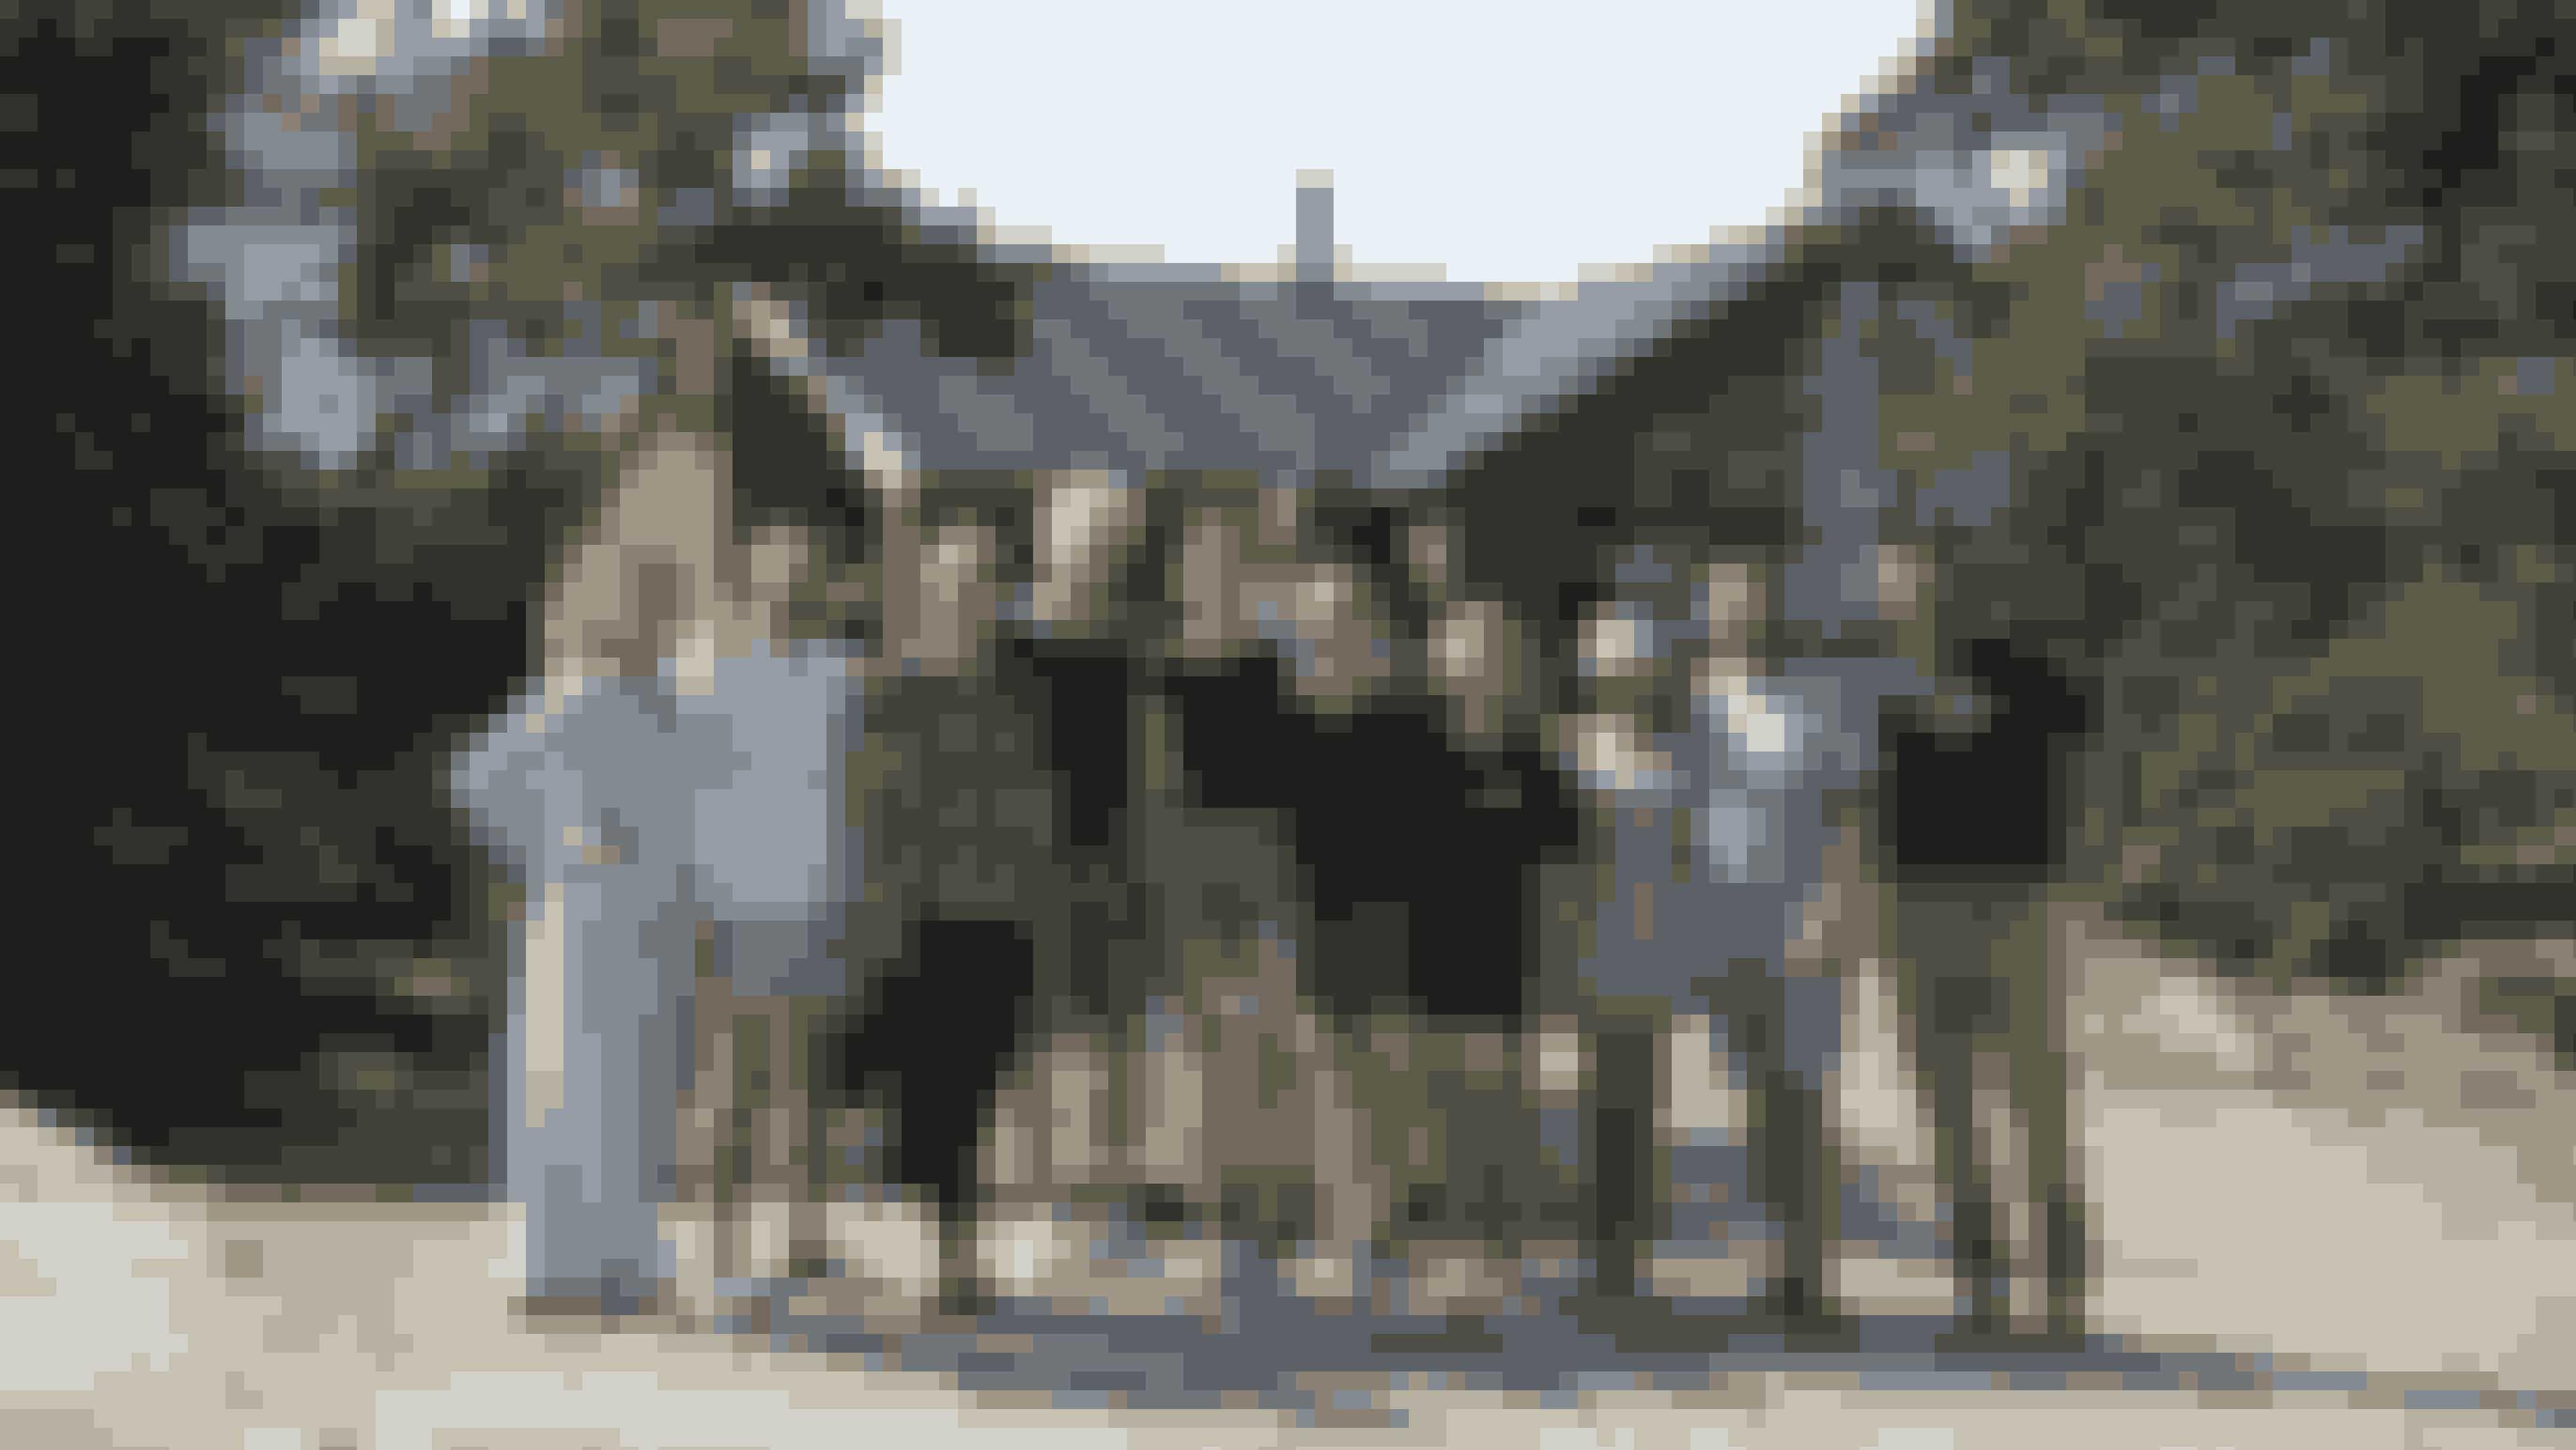 Fra venstre dommer Camilla Kjems, Anders, Maja, vært Pelle Emil Rex Hebsgaard, Josefine, Isse, Katrine, Cassia, Charles og dommer Jacob Carlsson. (Foto: Jørn Deleuran/TV 2)